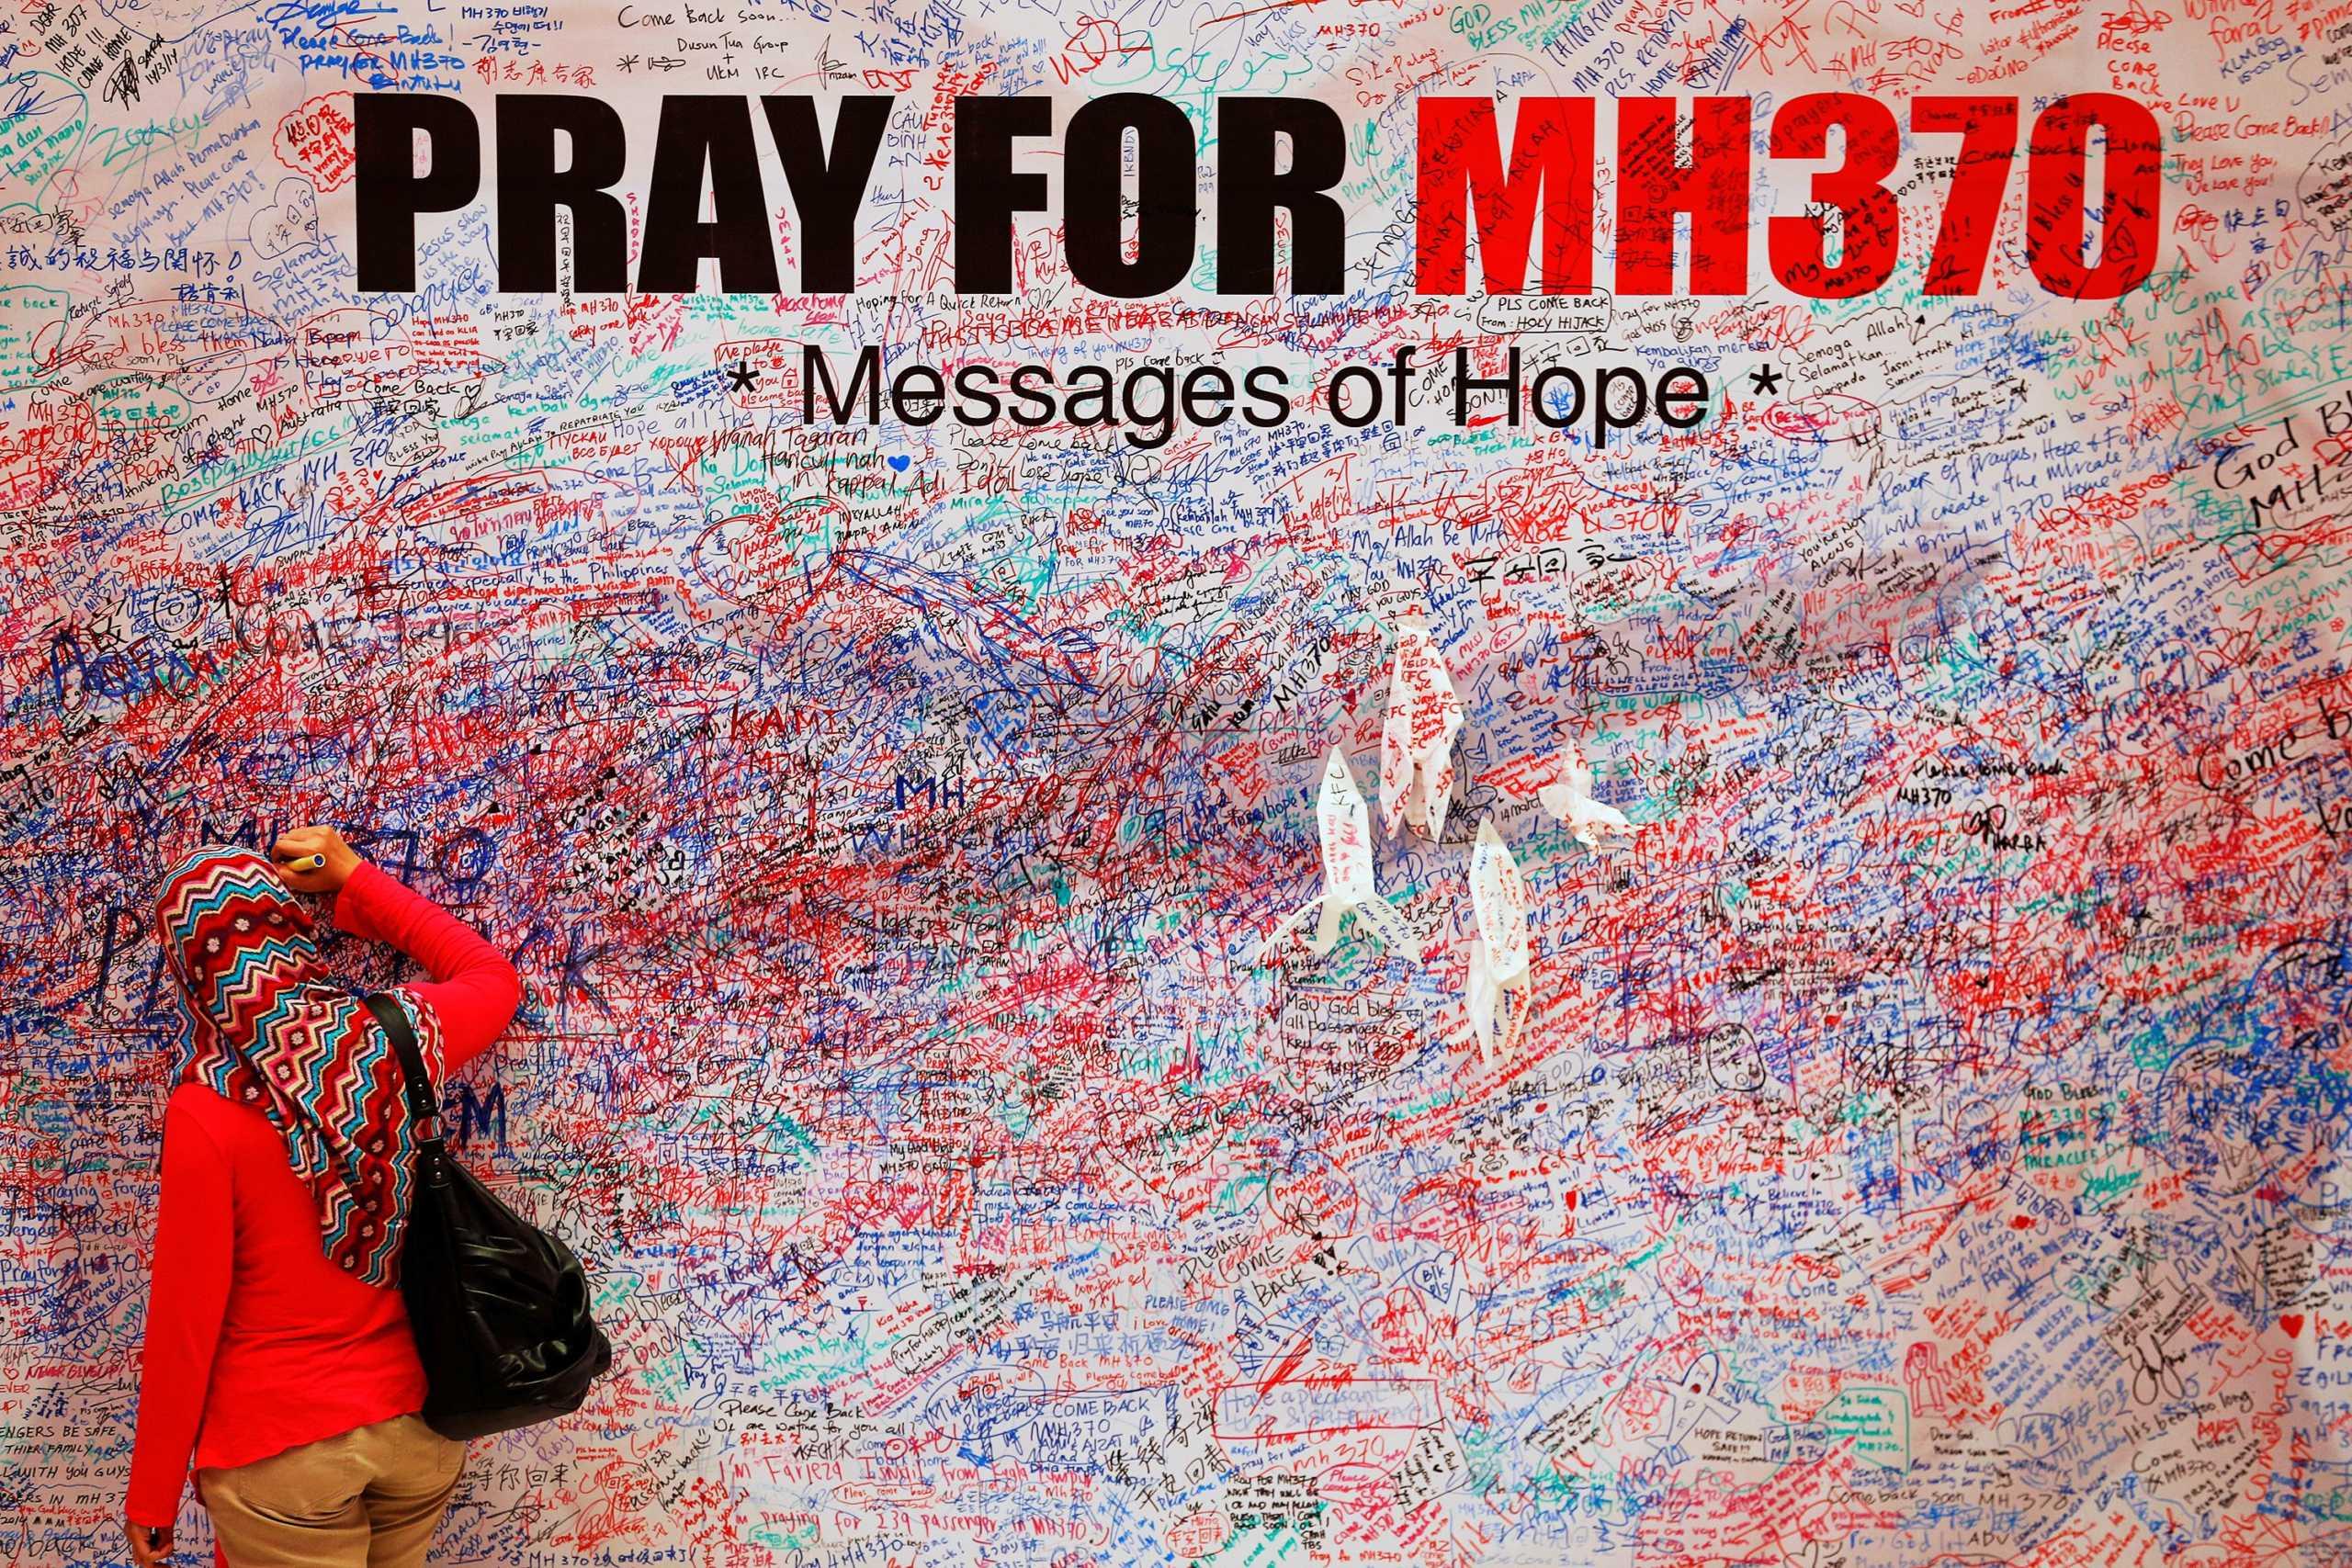 Ξεκαθαρίζει το μυστήριο της πτήσης MH370! Νέο ντοκιμαντέρ δείχνει αυτοκτονία του πιλότου!